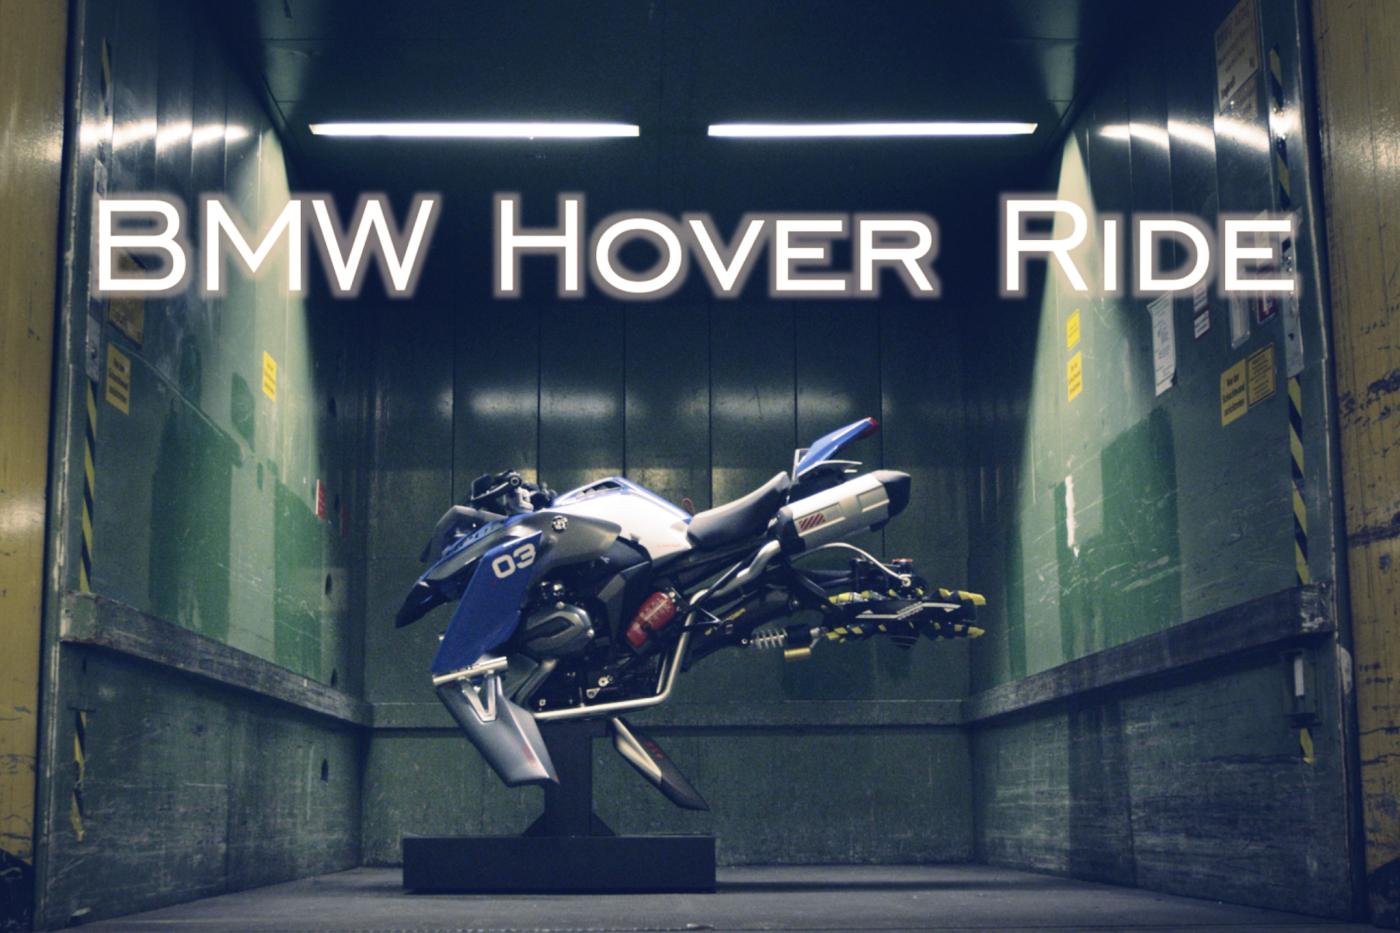 BMWがレゴを本物に!空飛ぶバイク「Hover Ride」